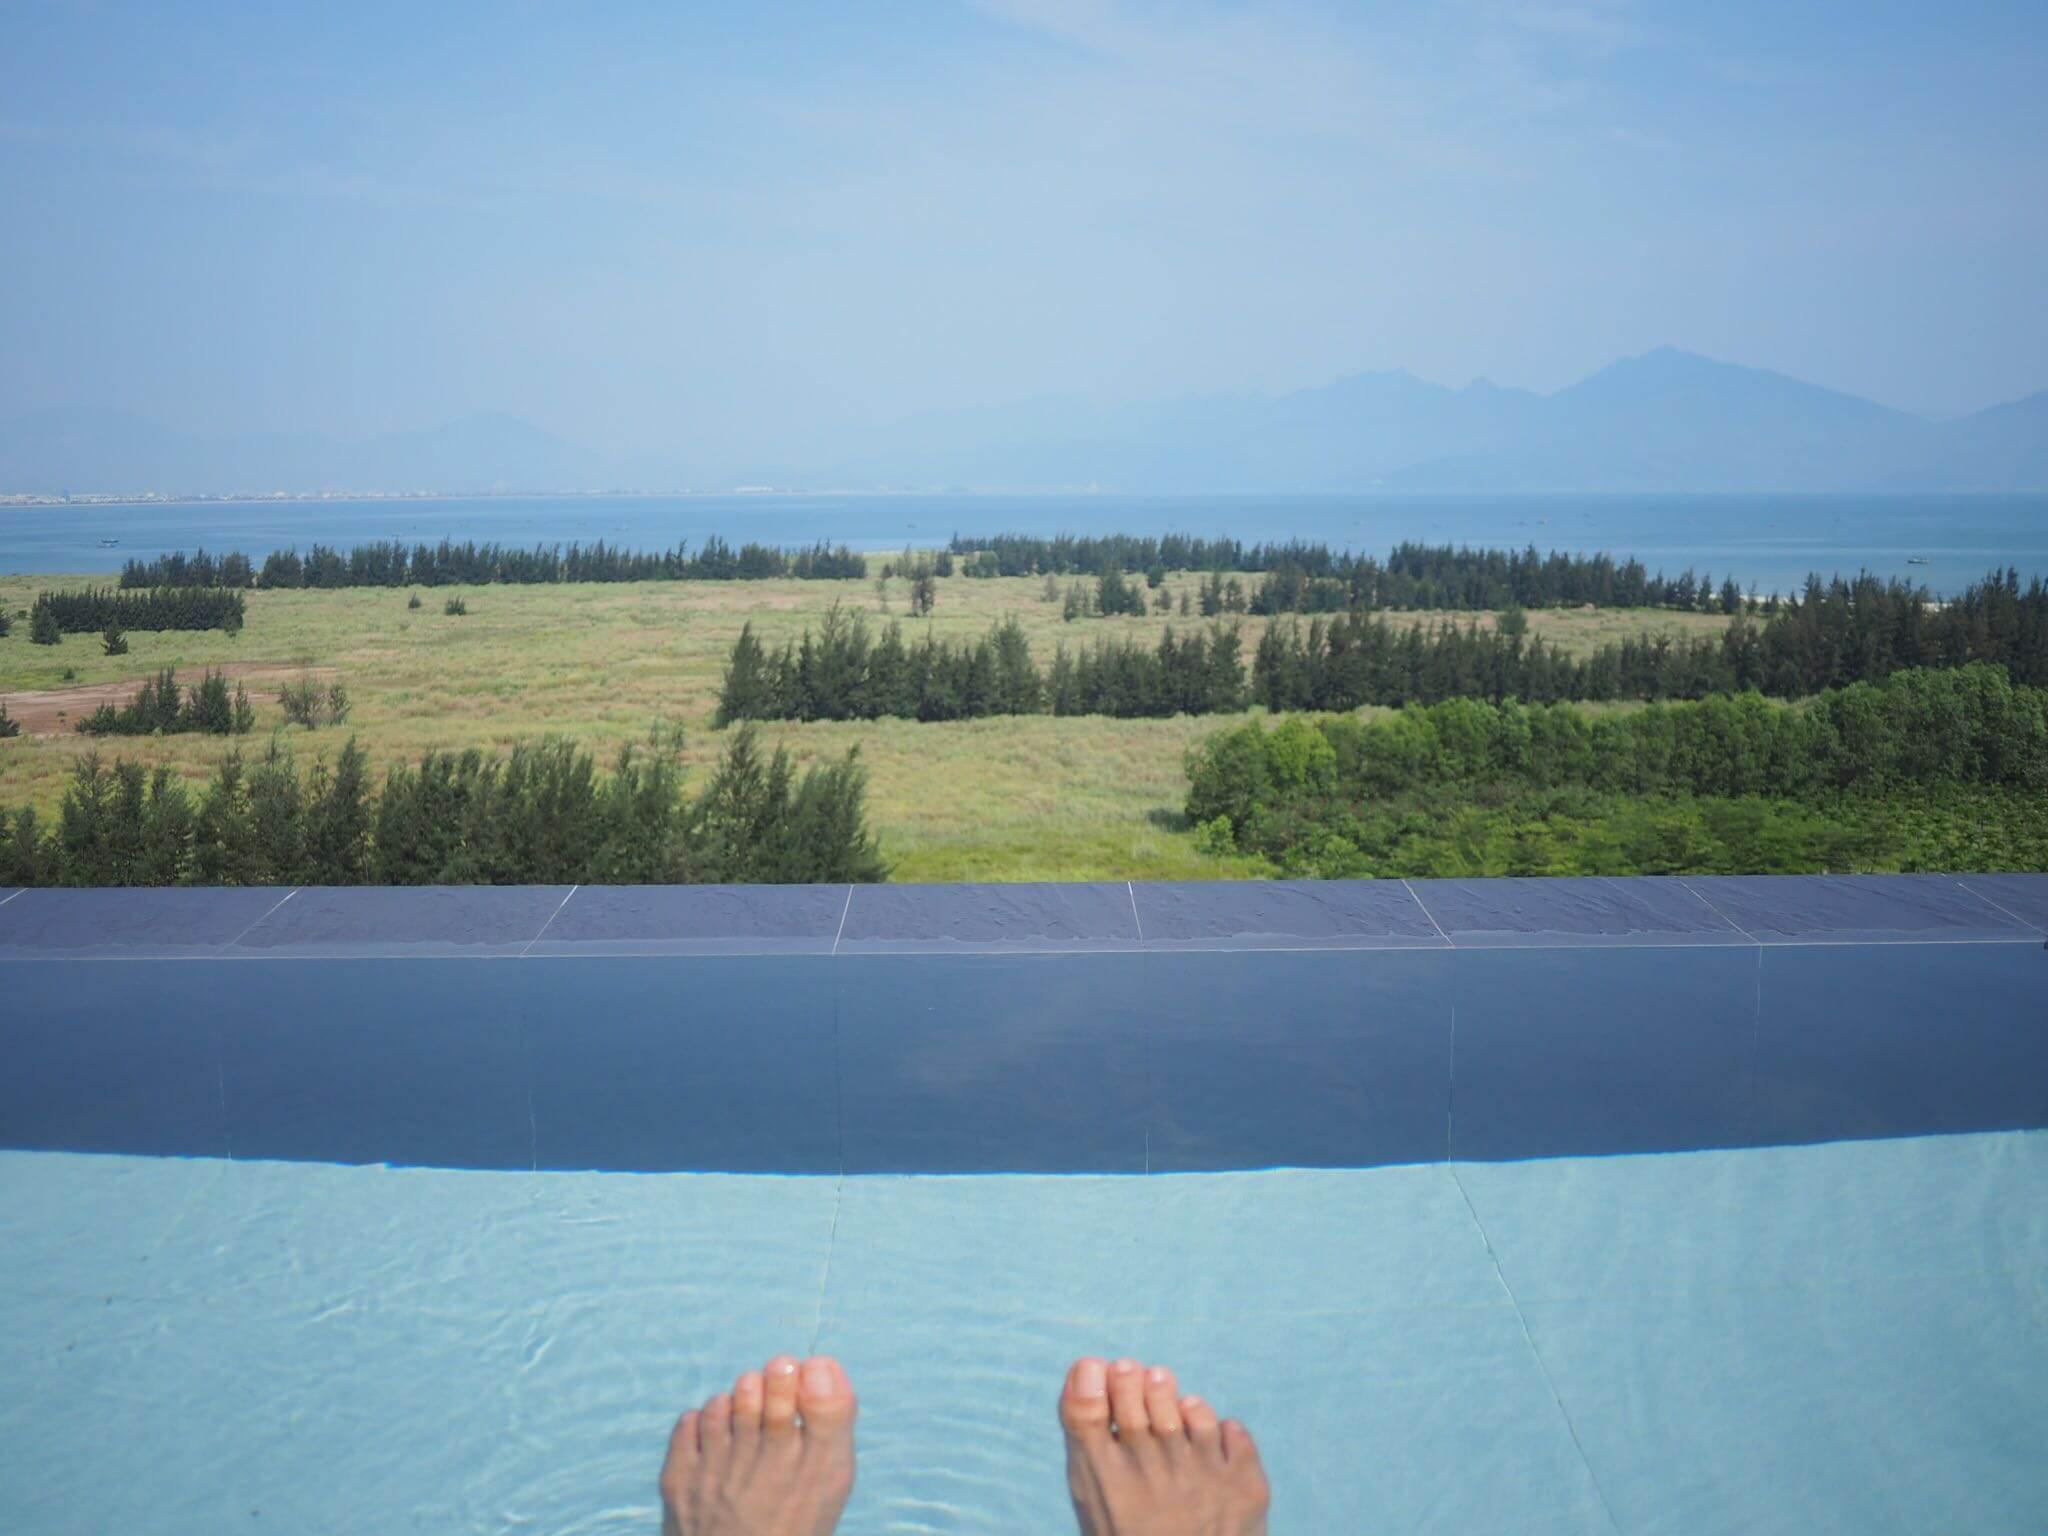 ダナン ホテル東屋 屋上の露天風呂のみの利用可能!最高の景色と圧倒的開放感が楽しめる!和定食もおすすめ